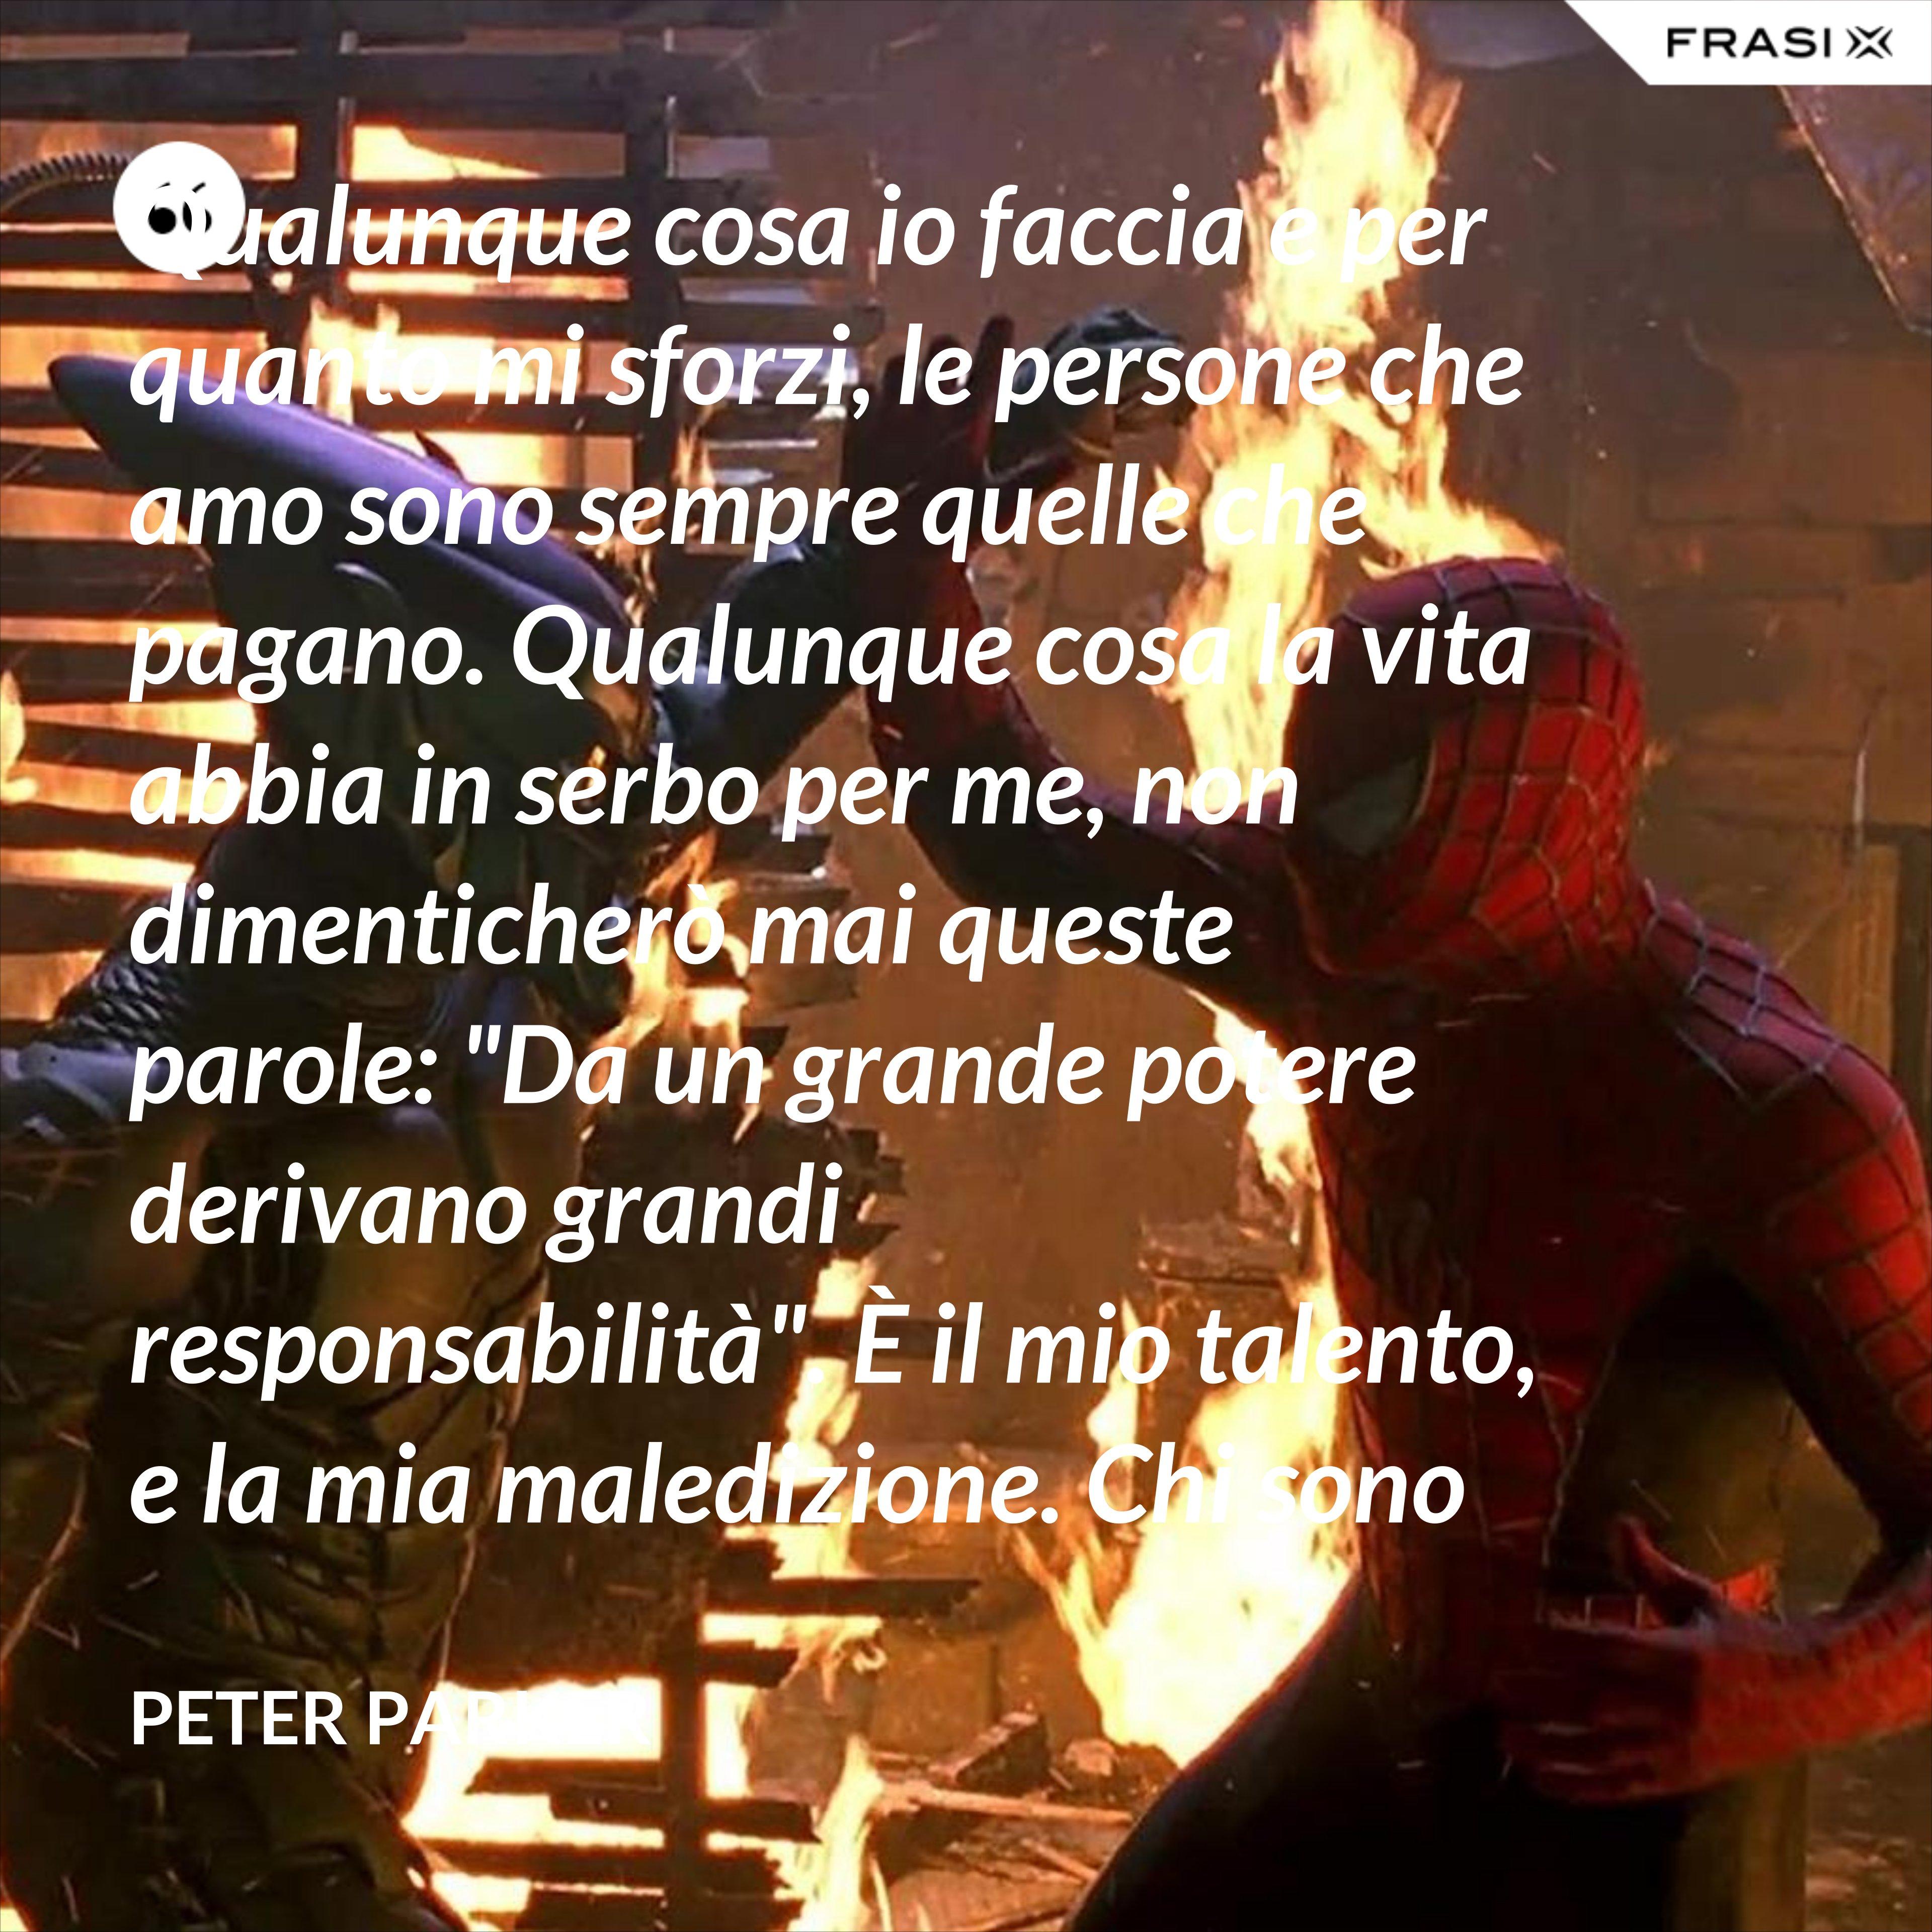 """Qualunque cosa io faccia e per quanto mi sforzi, le persone che amo sono sempre quelle che pagano. Qualunque cosa la vita abbia in serbo per me, non dimenticherò mai queste parole: """"Da un grande potere derivano grandi responsabilità"""". È il mio talento, e la mia maledizione. Chi sono io? Sono Spider-Man! - Peter Parker"""